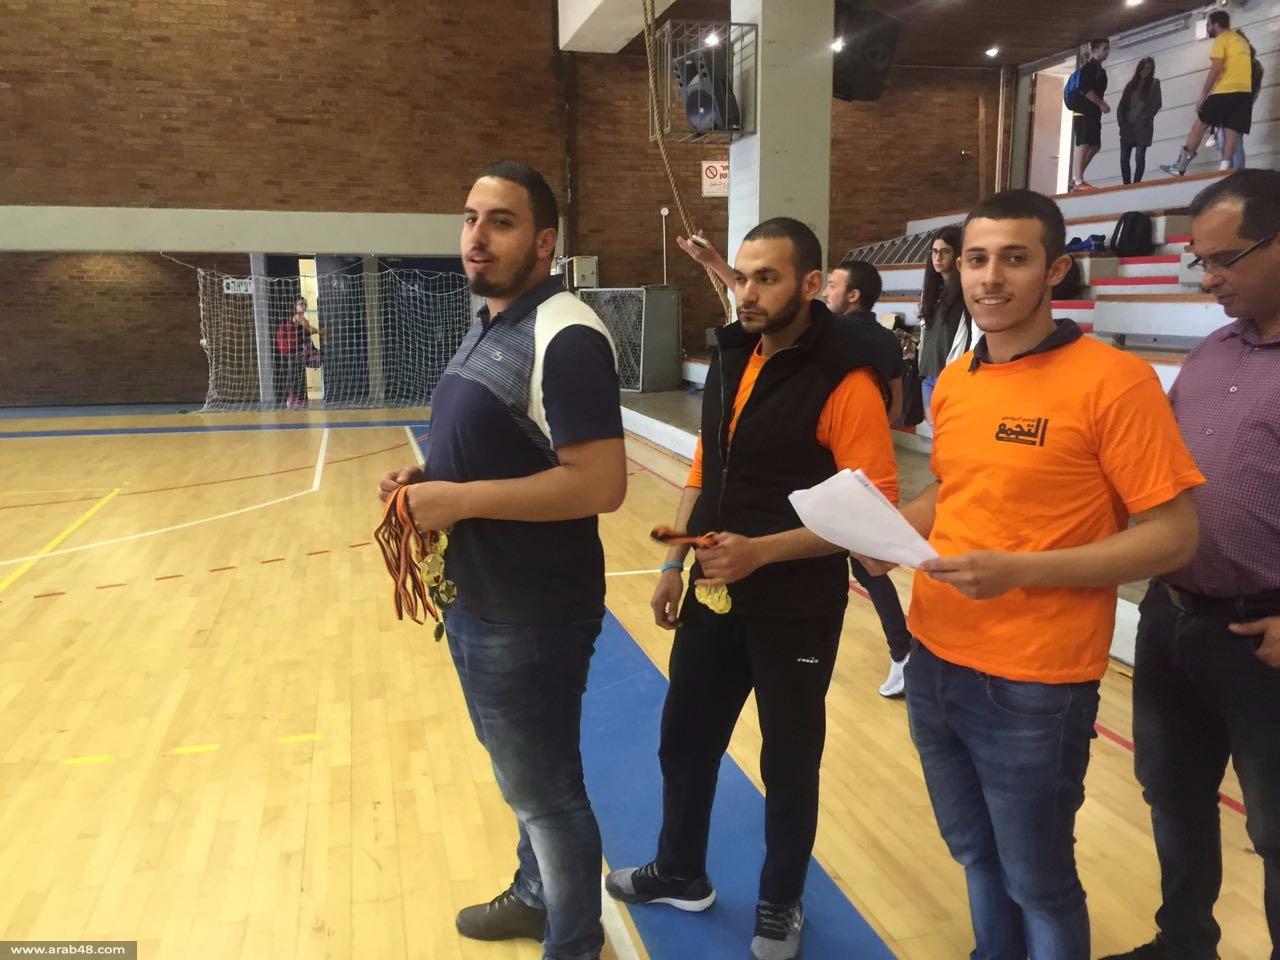 جامعة حيفا: دوري كرة قدم يبعث رسالة دعم للحركة الأسيرة